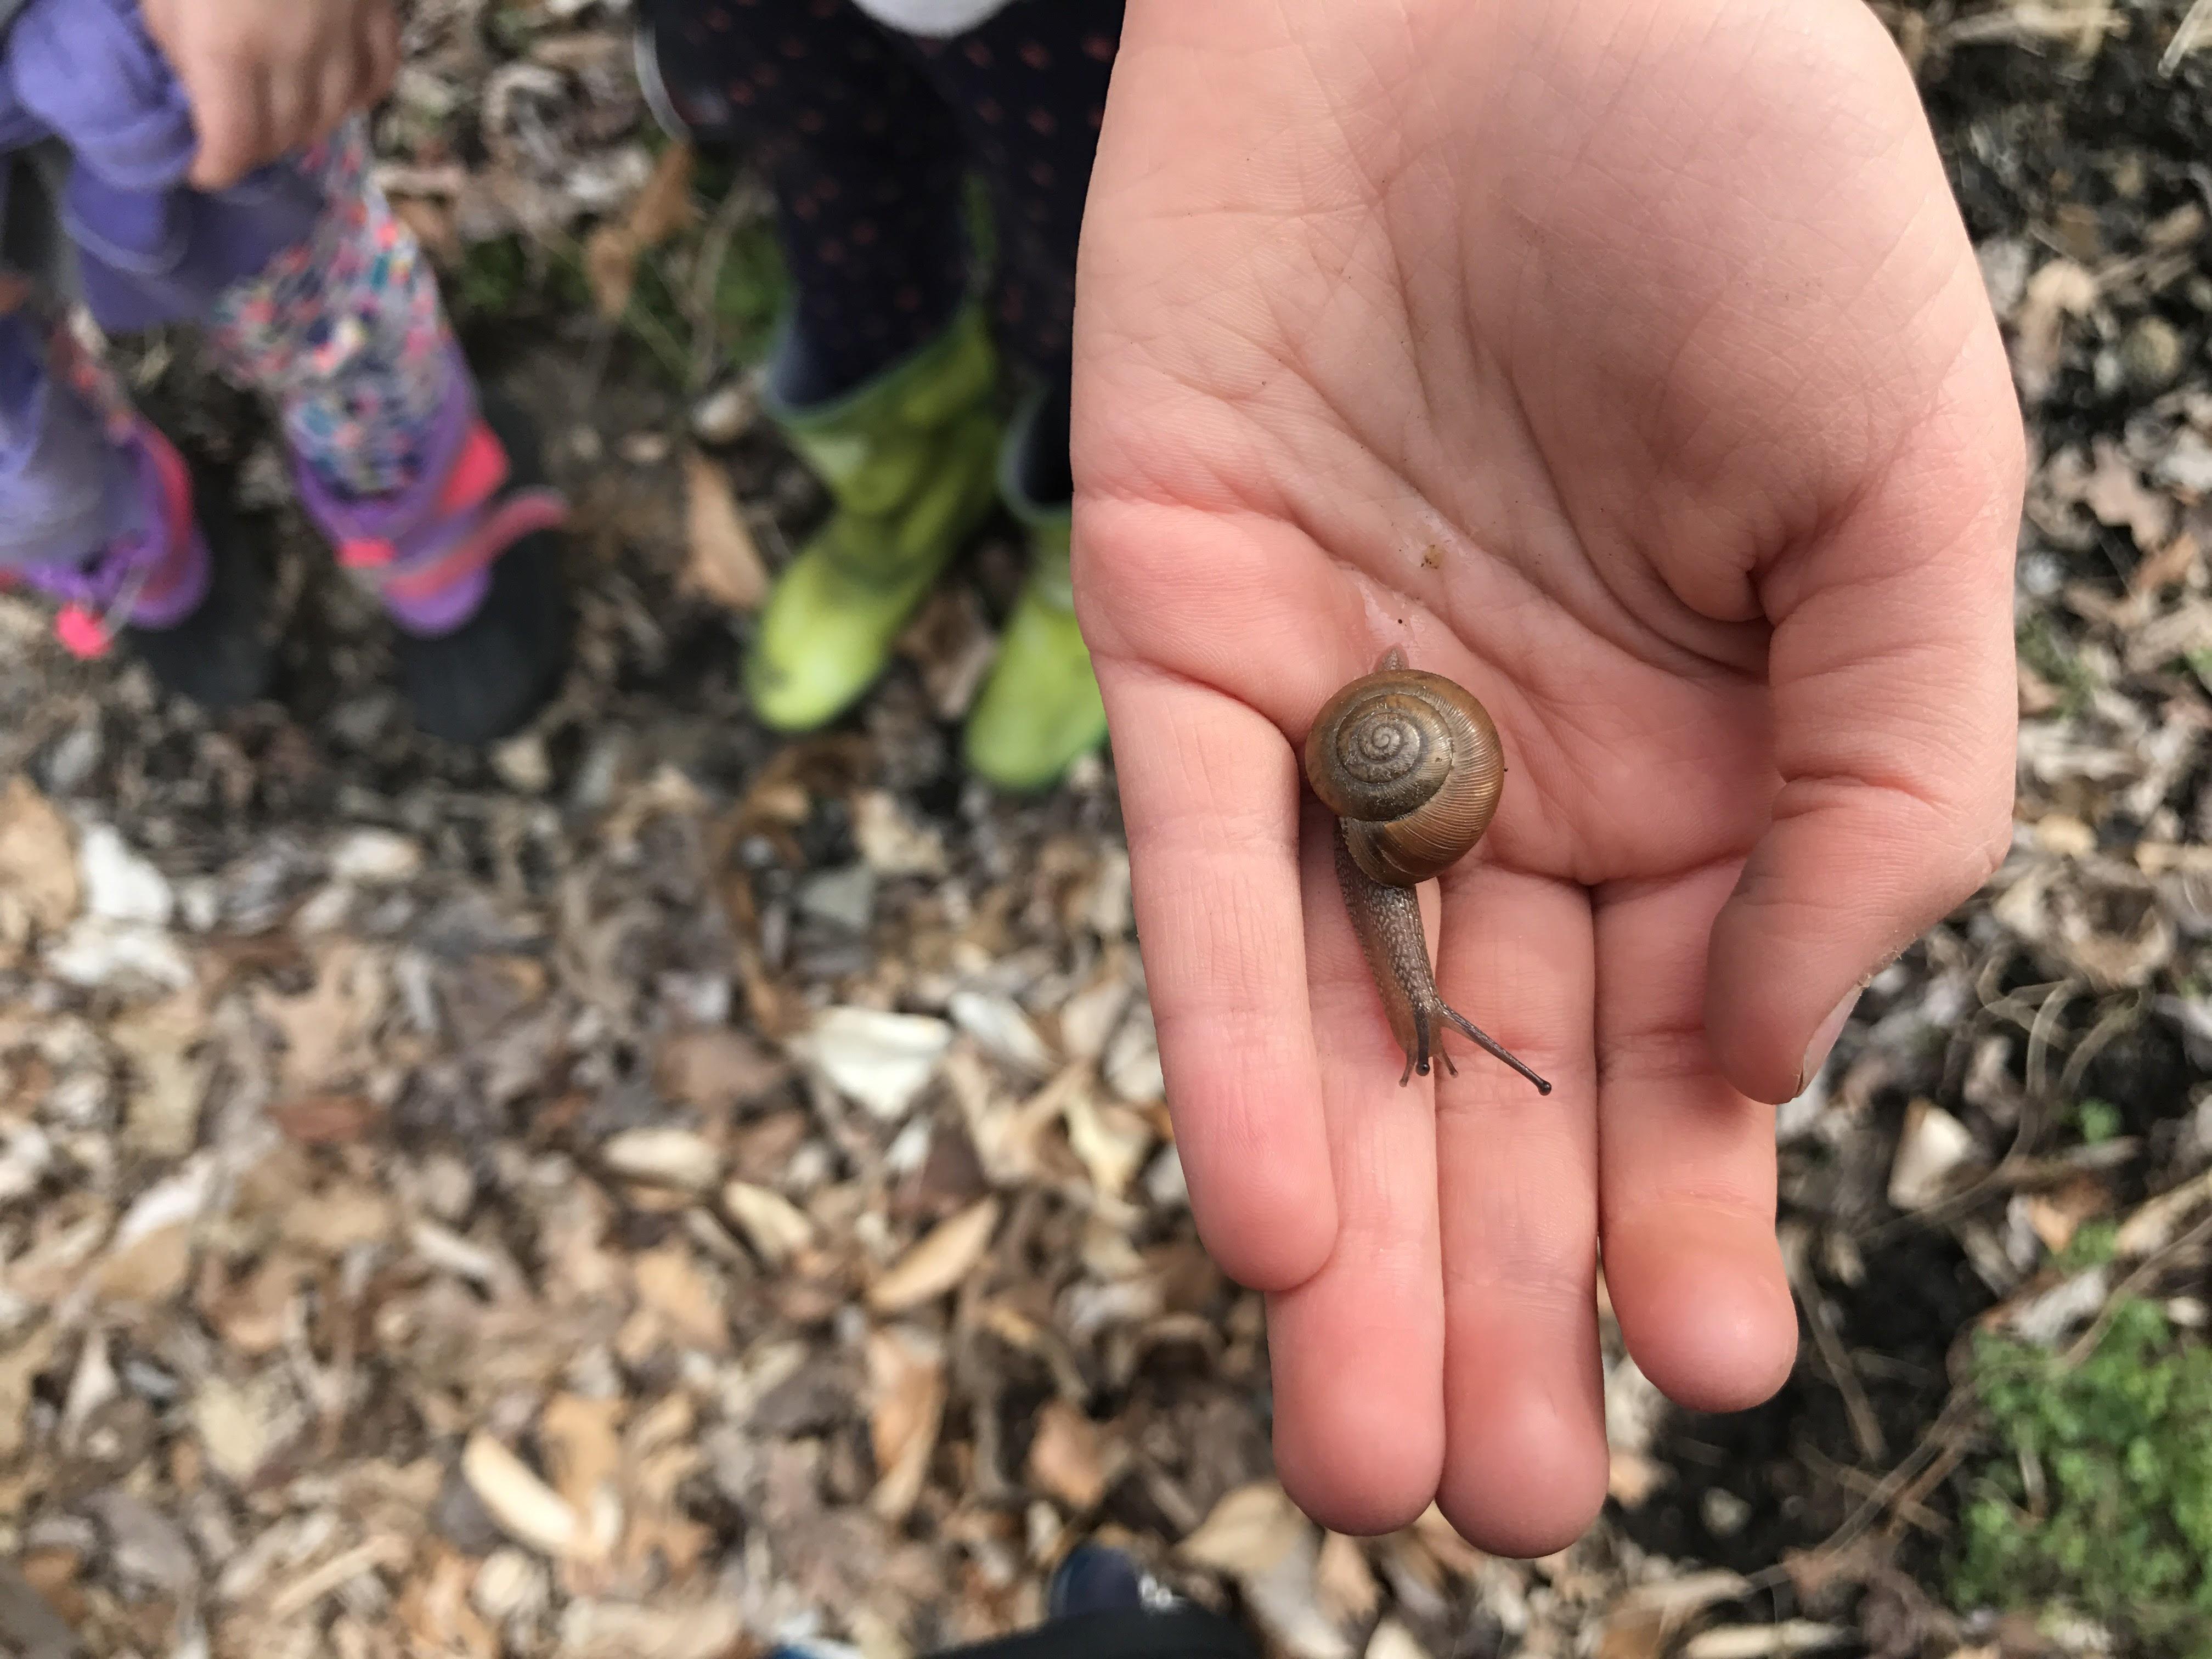 Snail_in_Hand.JPG